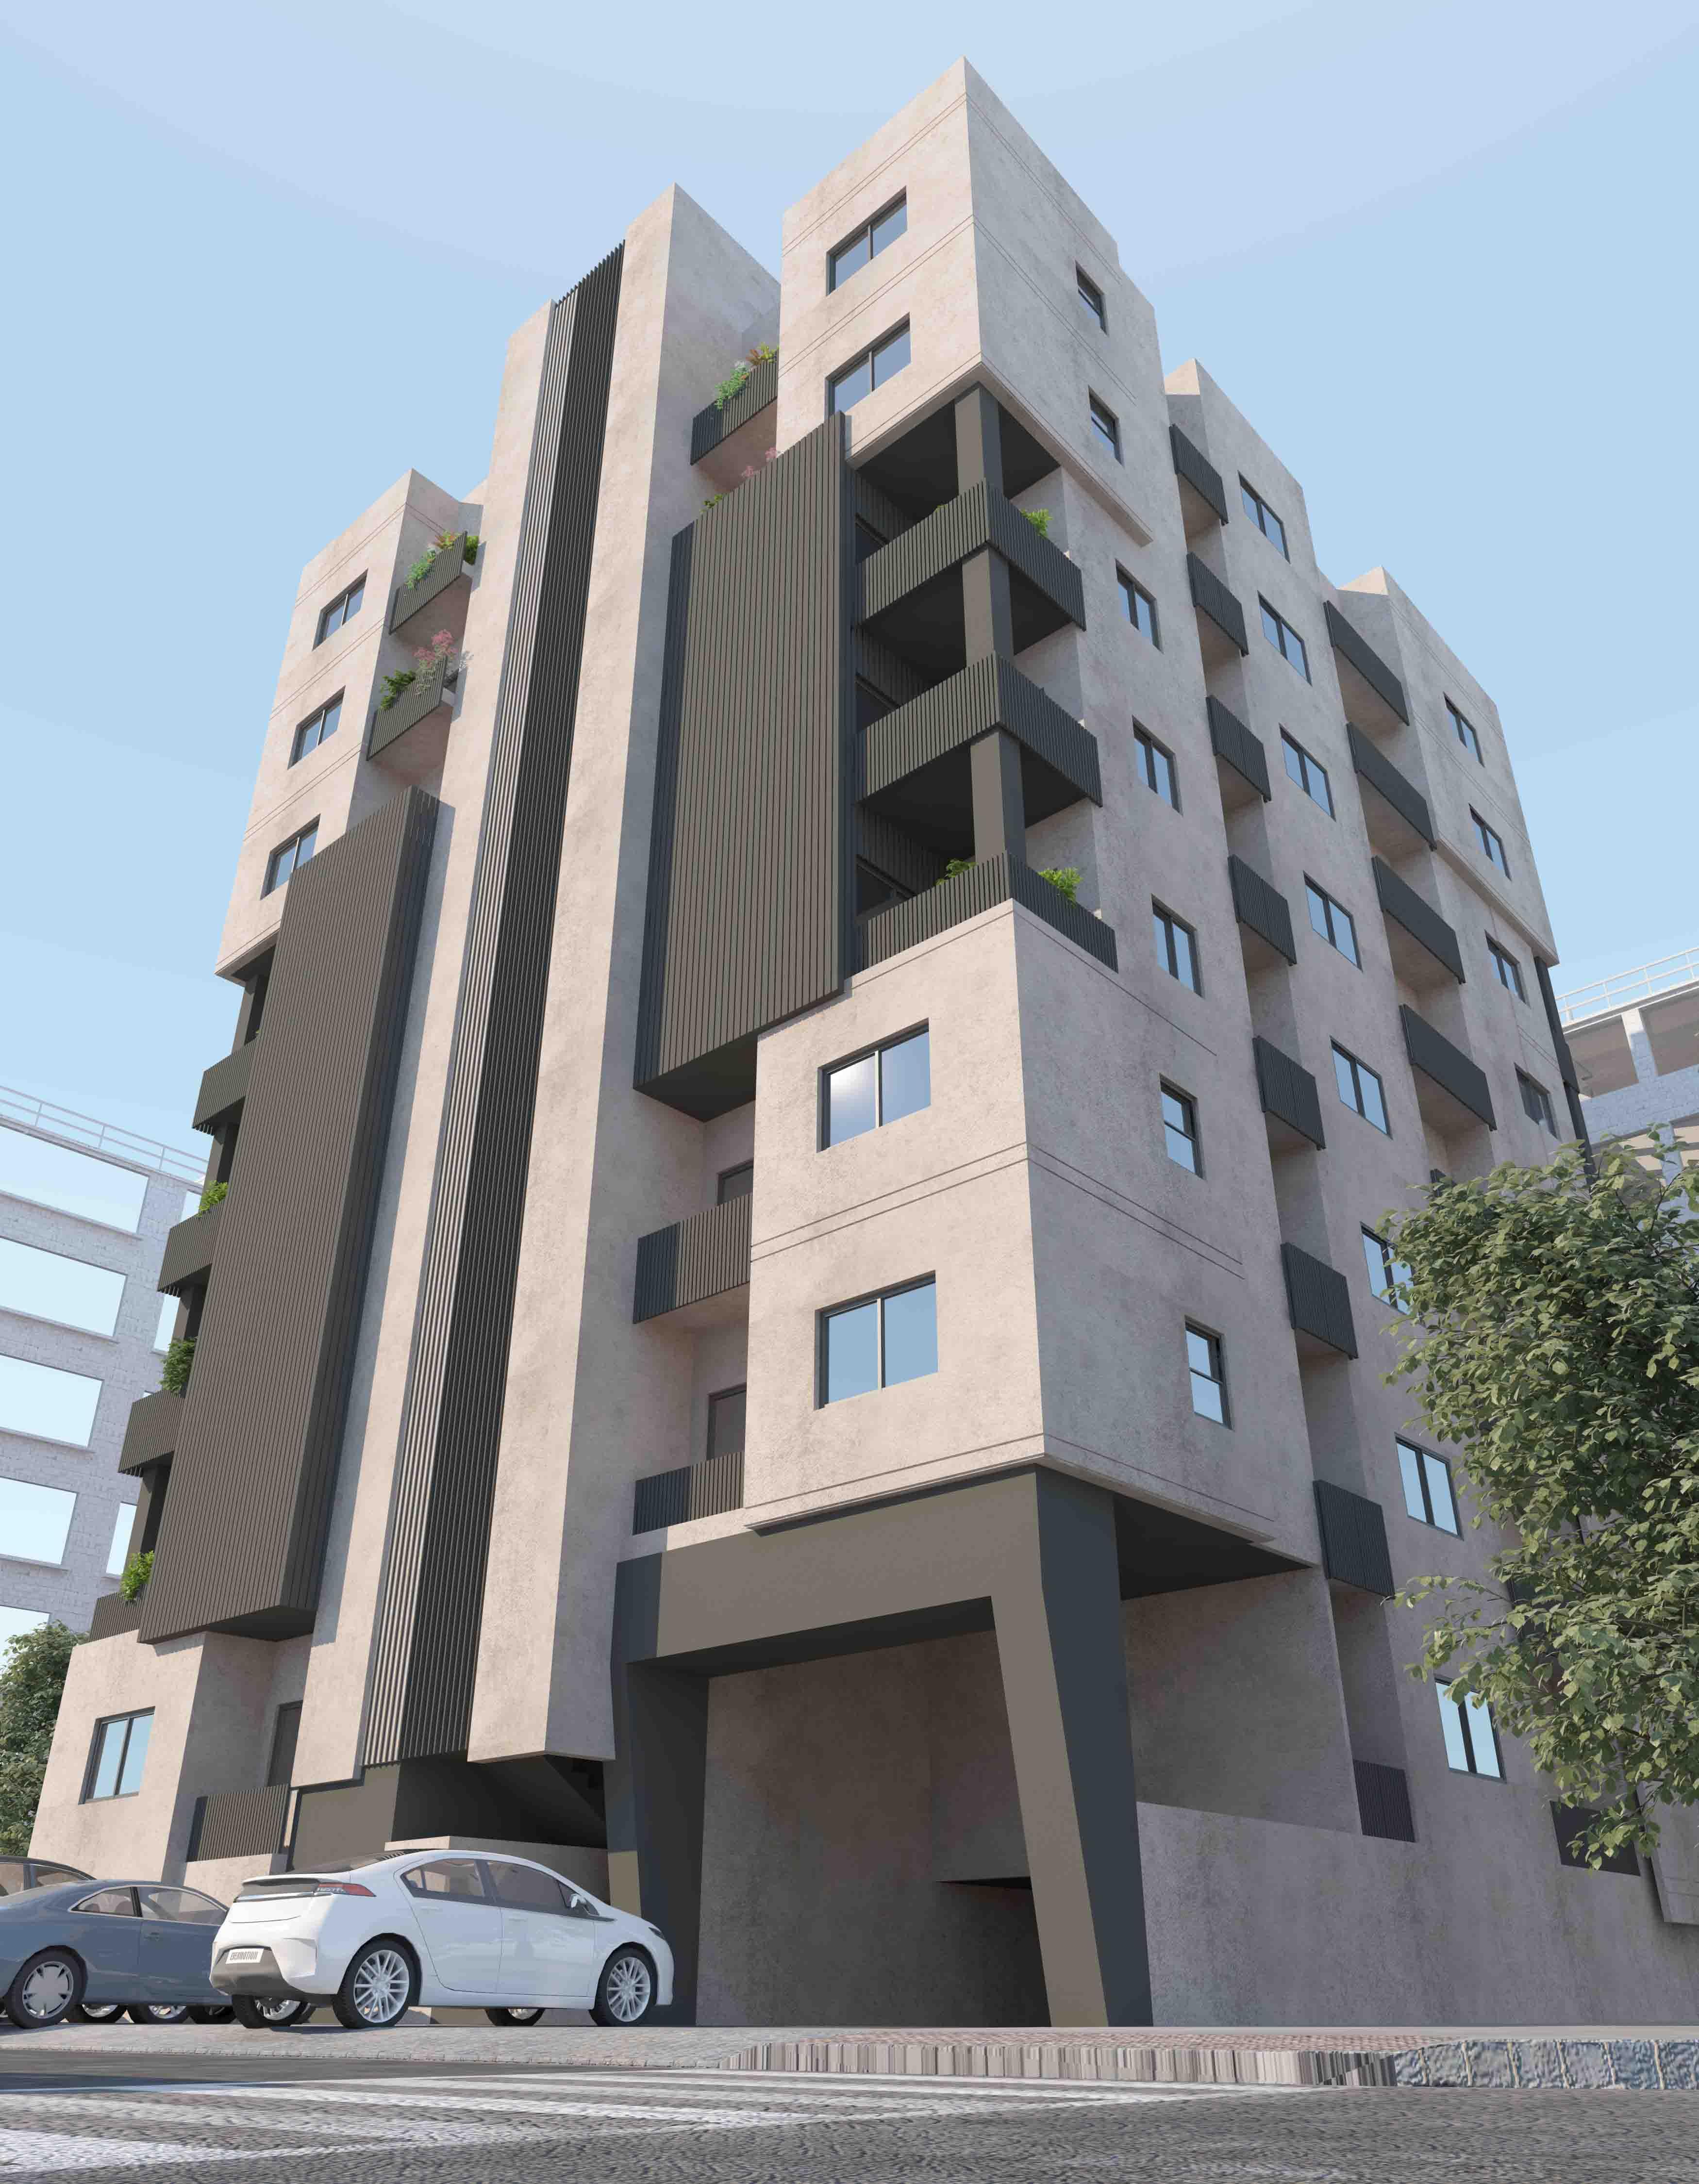 al-karim-residence-h13-up.jpg